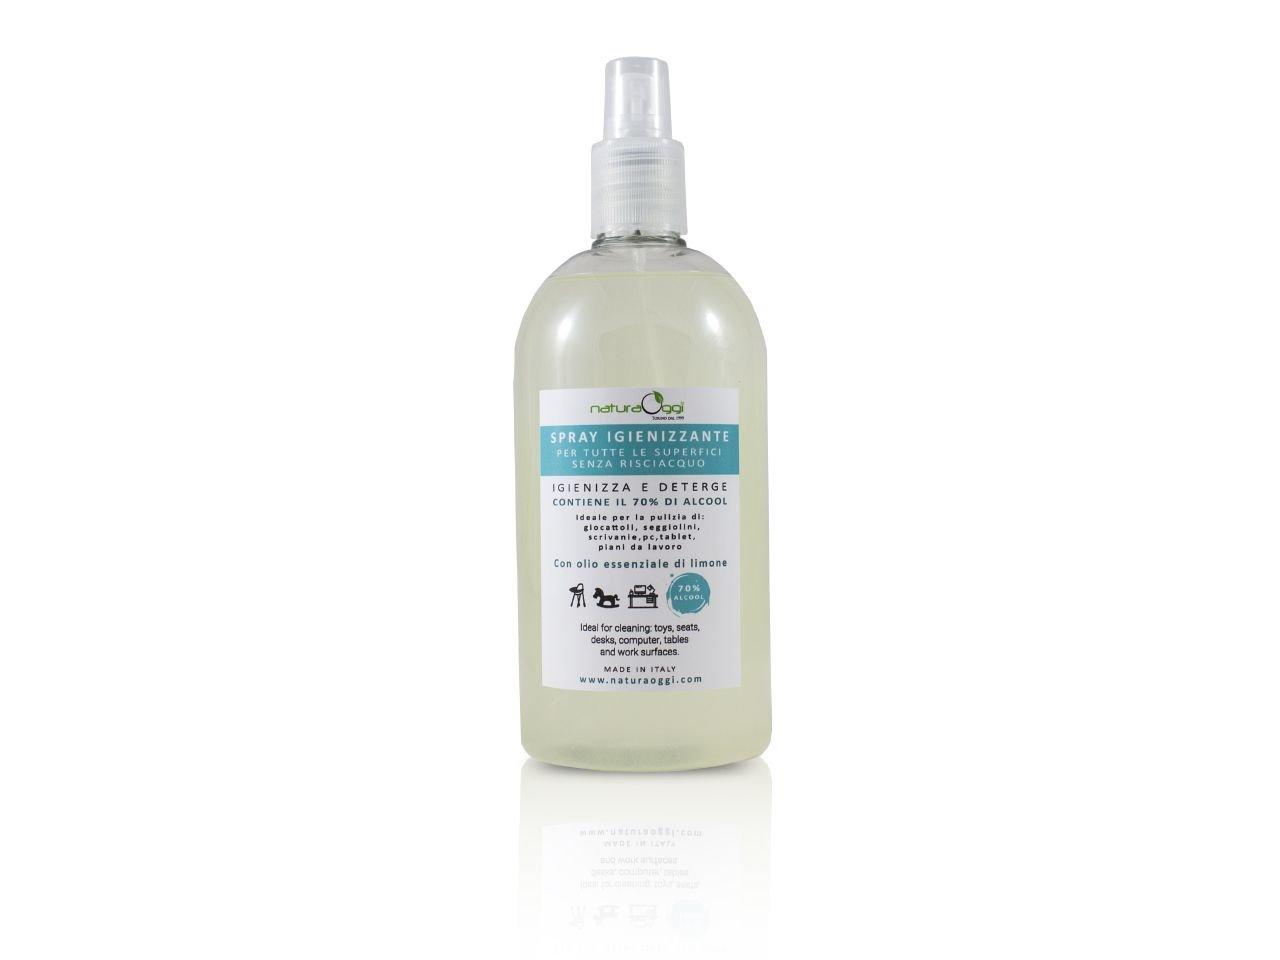 Spray Igienizzante Per Tutte Le Superfici 70% Di Acool 500 ml - v1